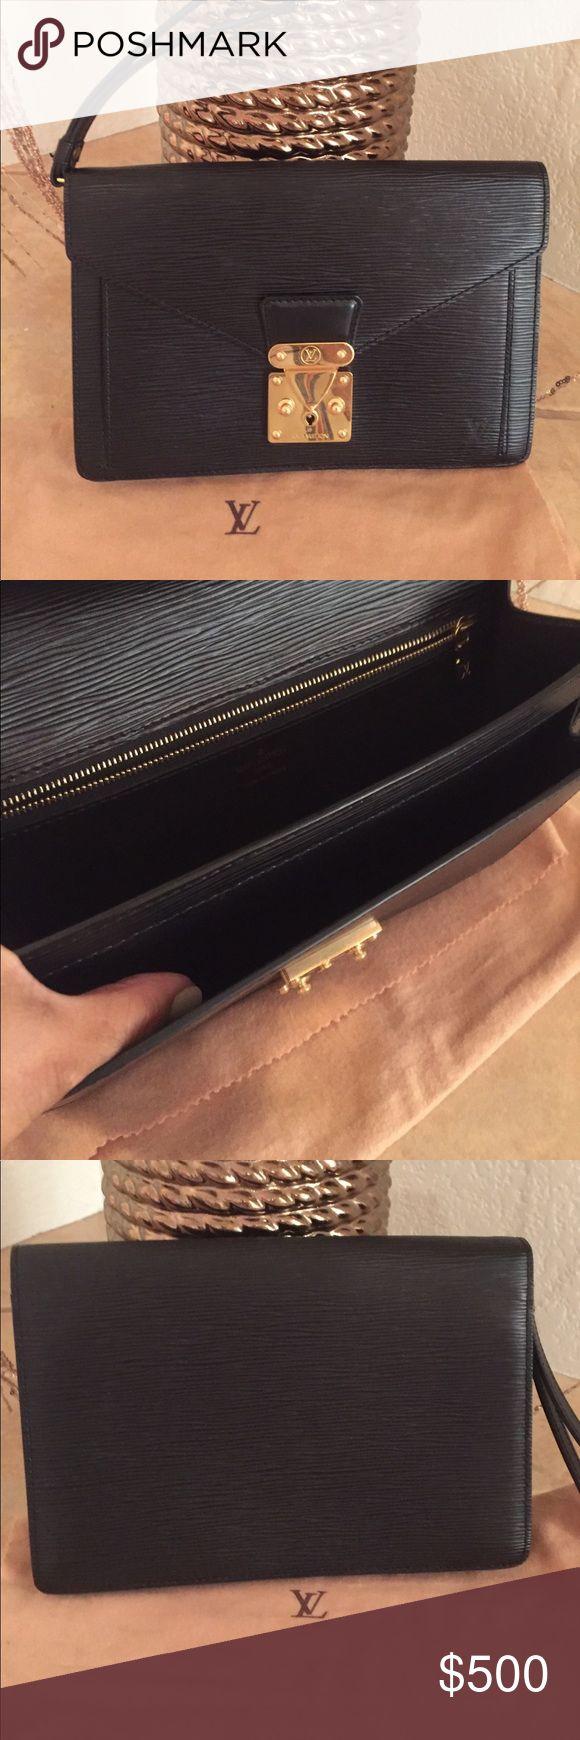 Louis Vuitton clutch bag for men Louis Vuitton Epi Pochette men's bag with dust bag, used only twice Louis Vuitton Bags Clutches & Wristlets